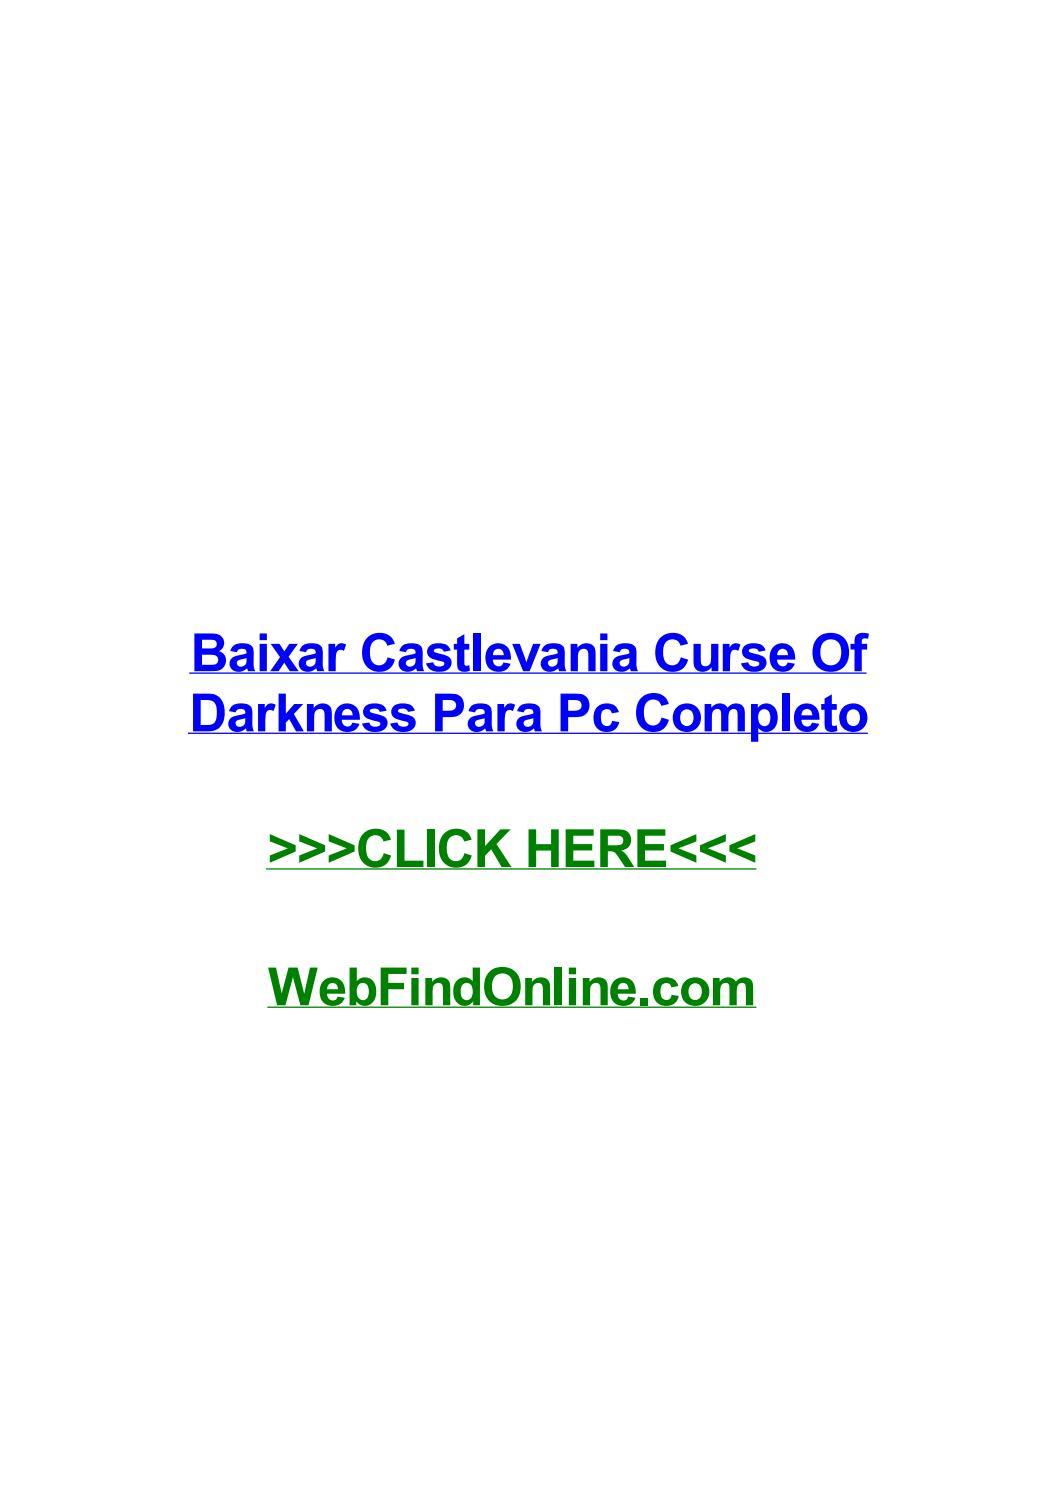 OF DARKNESS CASTLEVANIA PARA PC CURSE COMPLETO BAIXAR